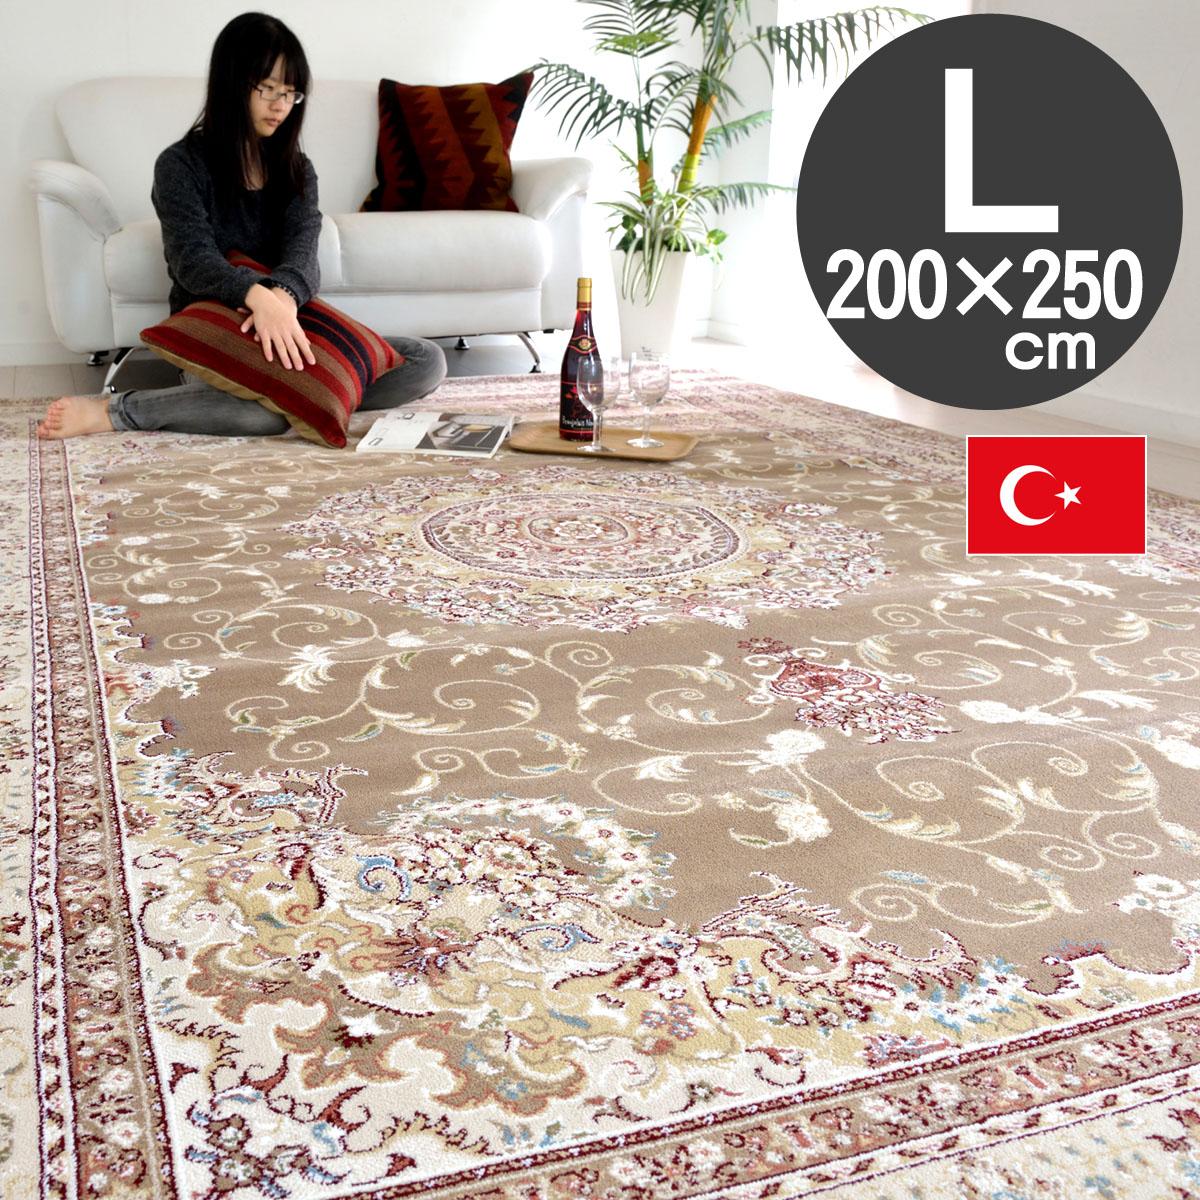 ヨーロピアンラグ トルコ製 クラシックデザイン200×250cm 約3畳イスフアハン6251(ロゼリアT8748) ブラウンインポートラグ カーペット 絨毯 約3帖classic design